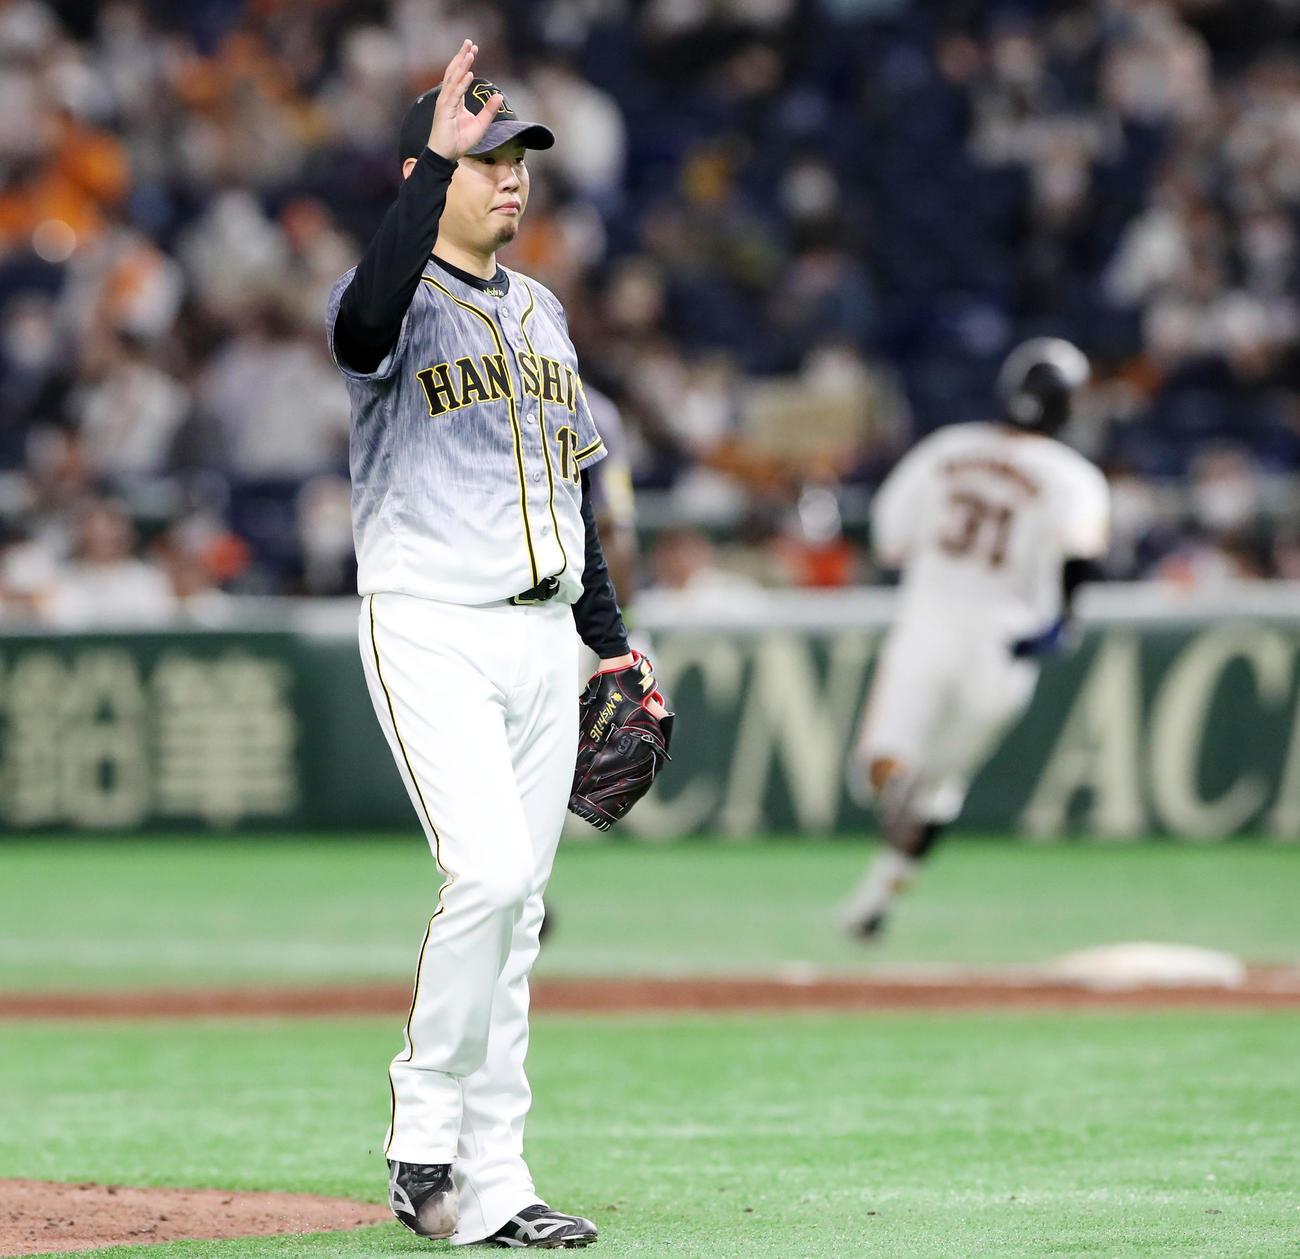 巨人対阪神 2回裏、西勇は松原を二ゴロに打ち取った直後、自らベンチへ手を挙げて降板する(撮影・加藤哉)